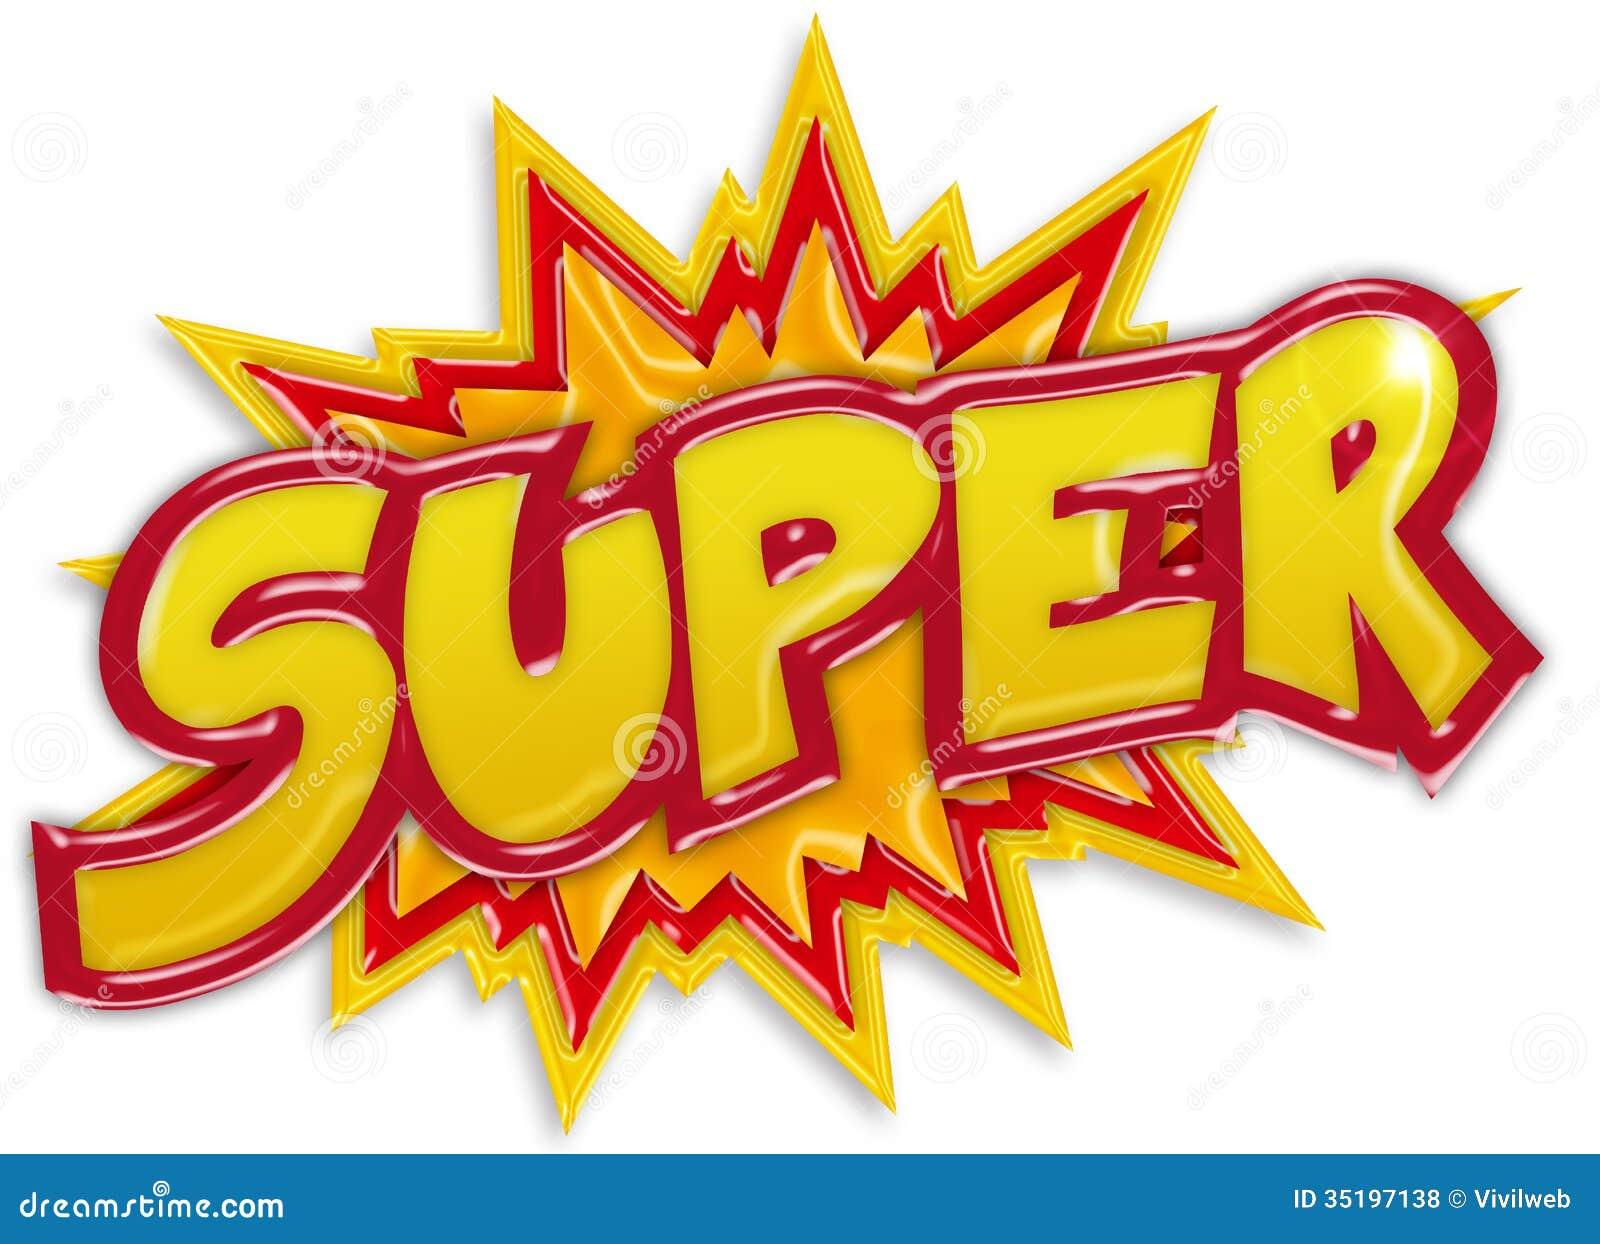 Explosive super label stock illustration. Illustration of badge ...